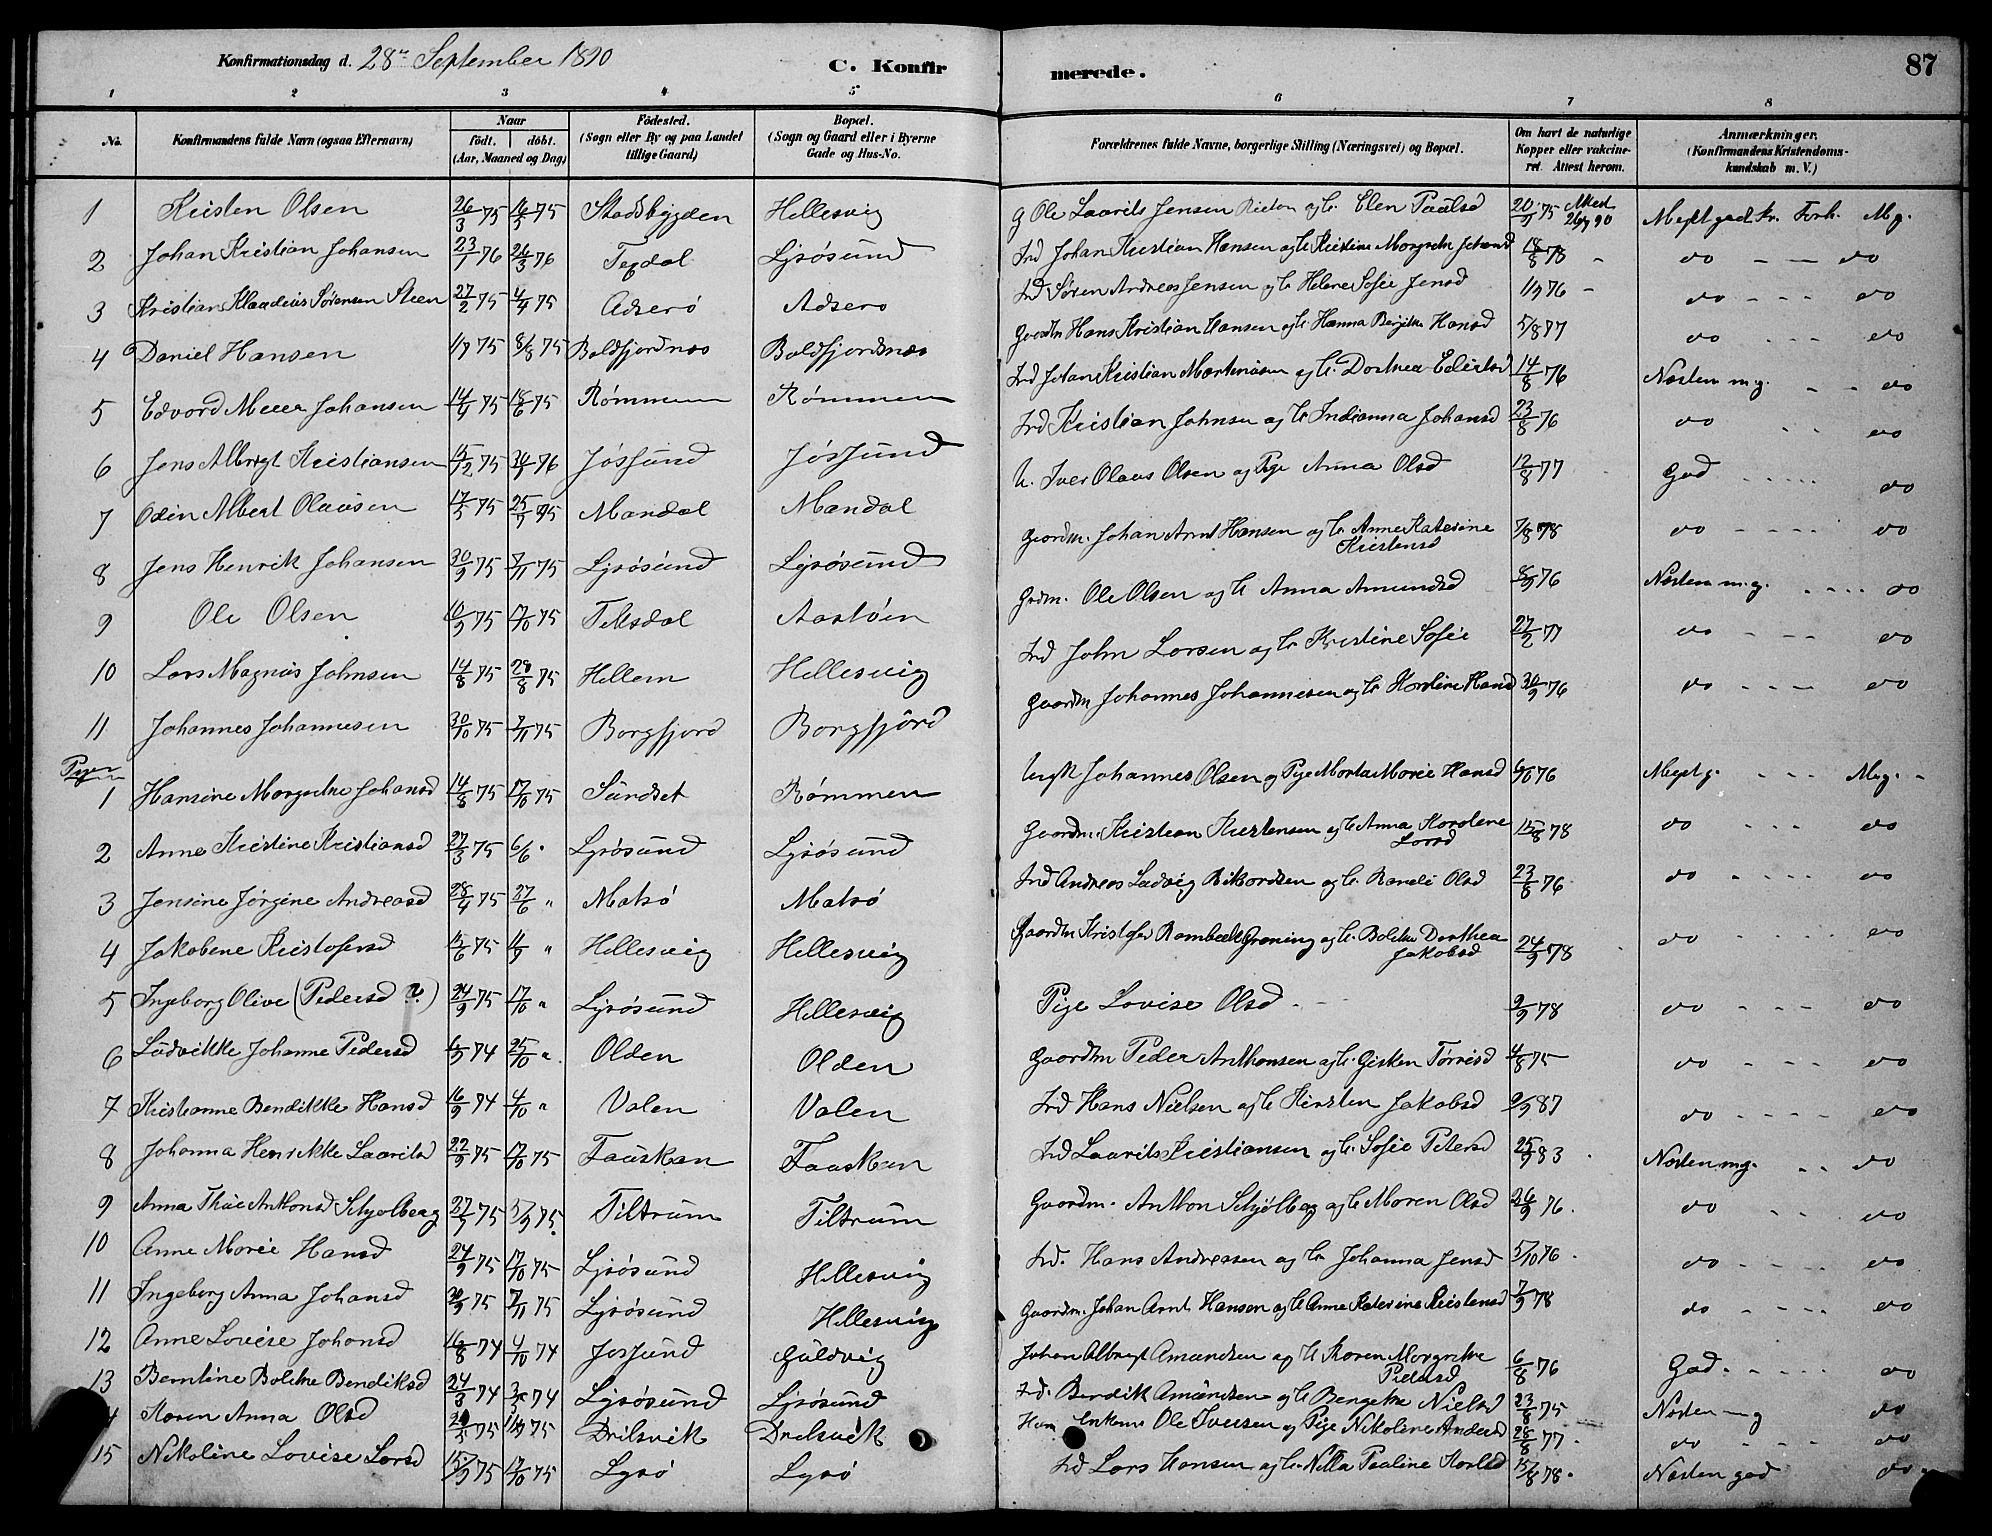 SAT, Ministerialprotokoller, klokkerbøker og fødselsregistre - Sør-Trøndelag, 654/L0665: Klokkerbok nr. 654C01, 1879-1901, s. 87